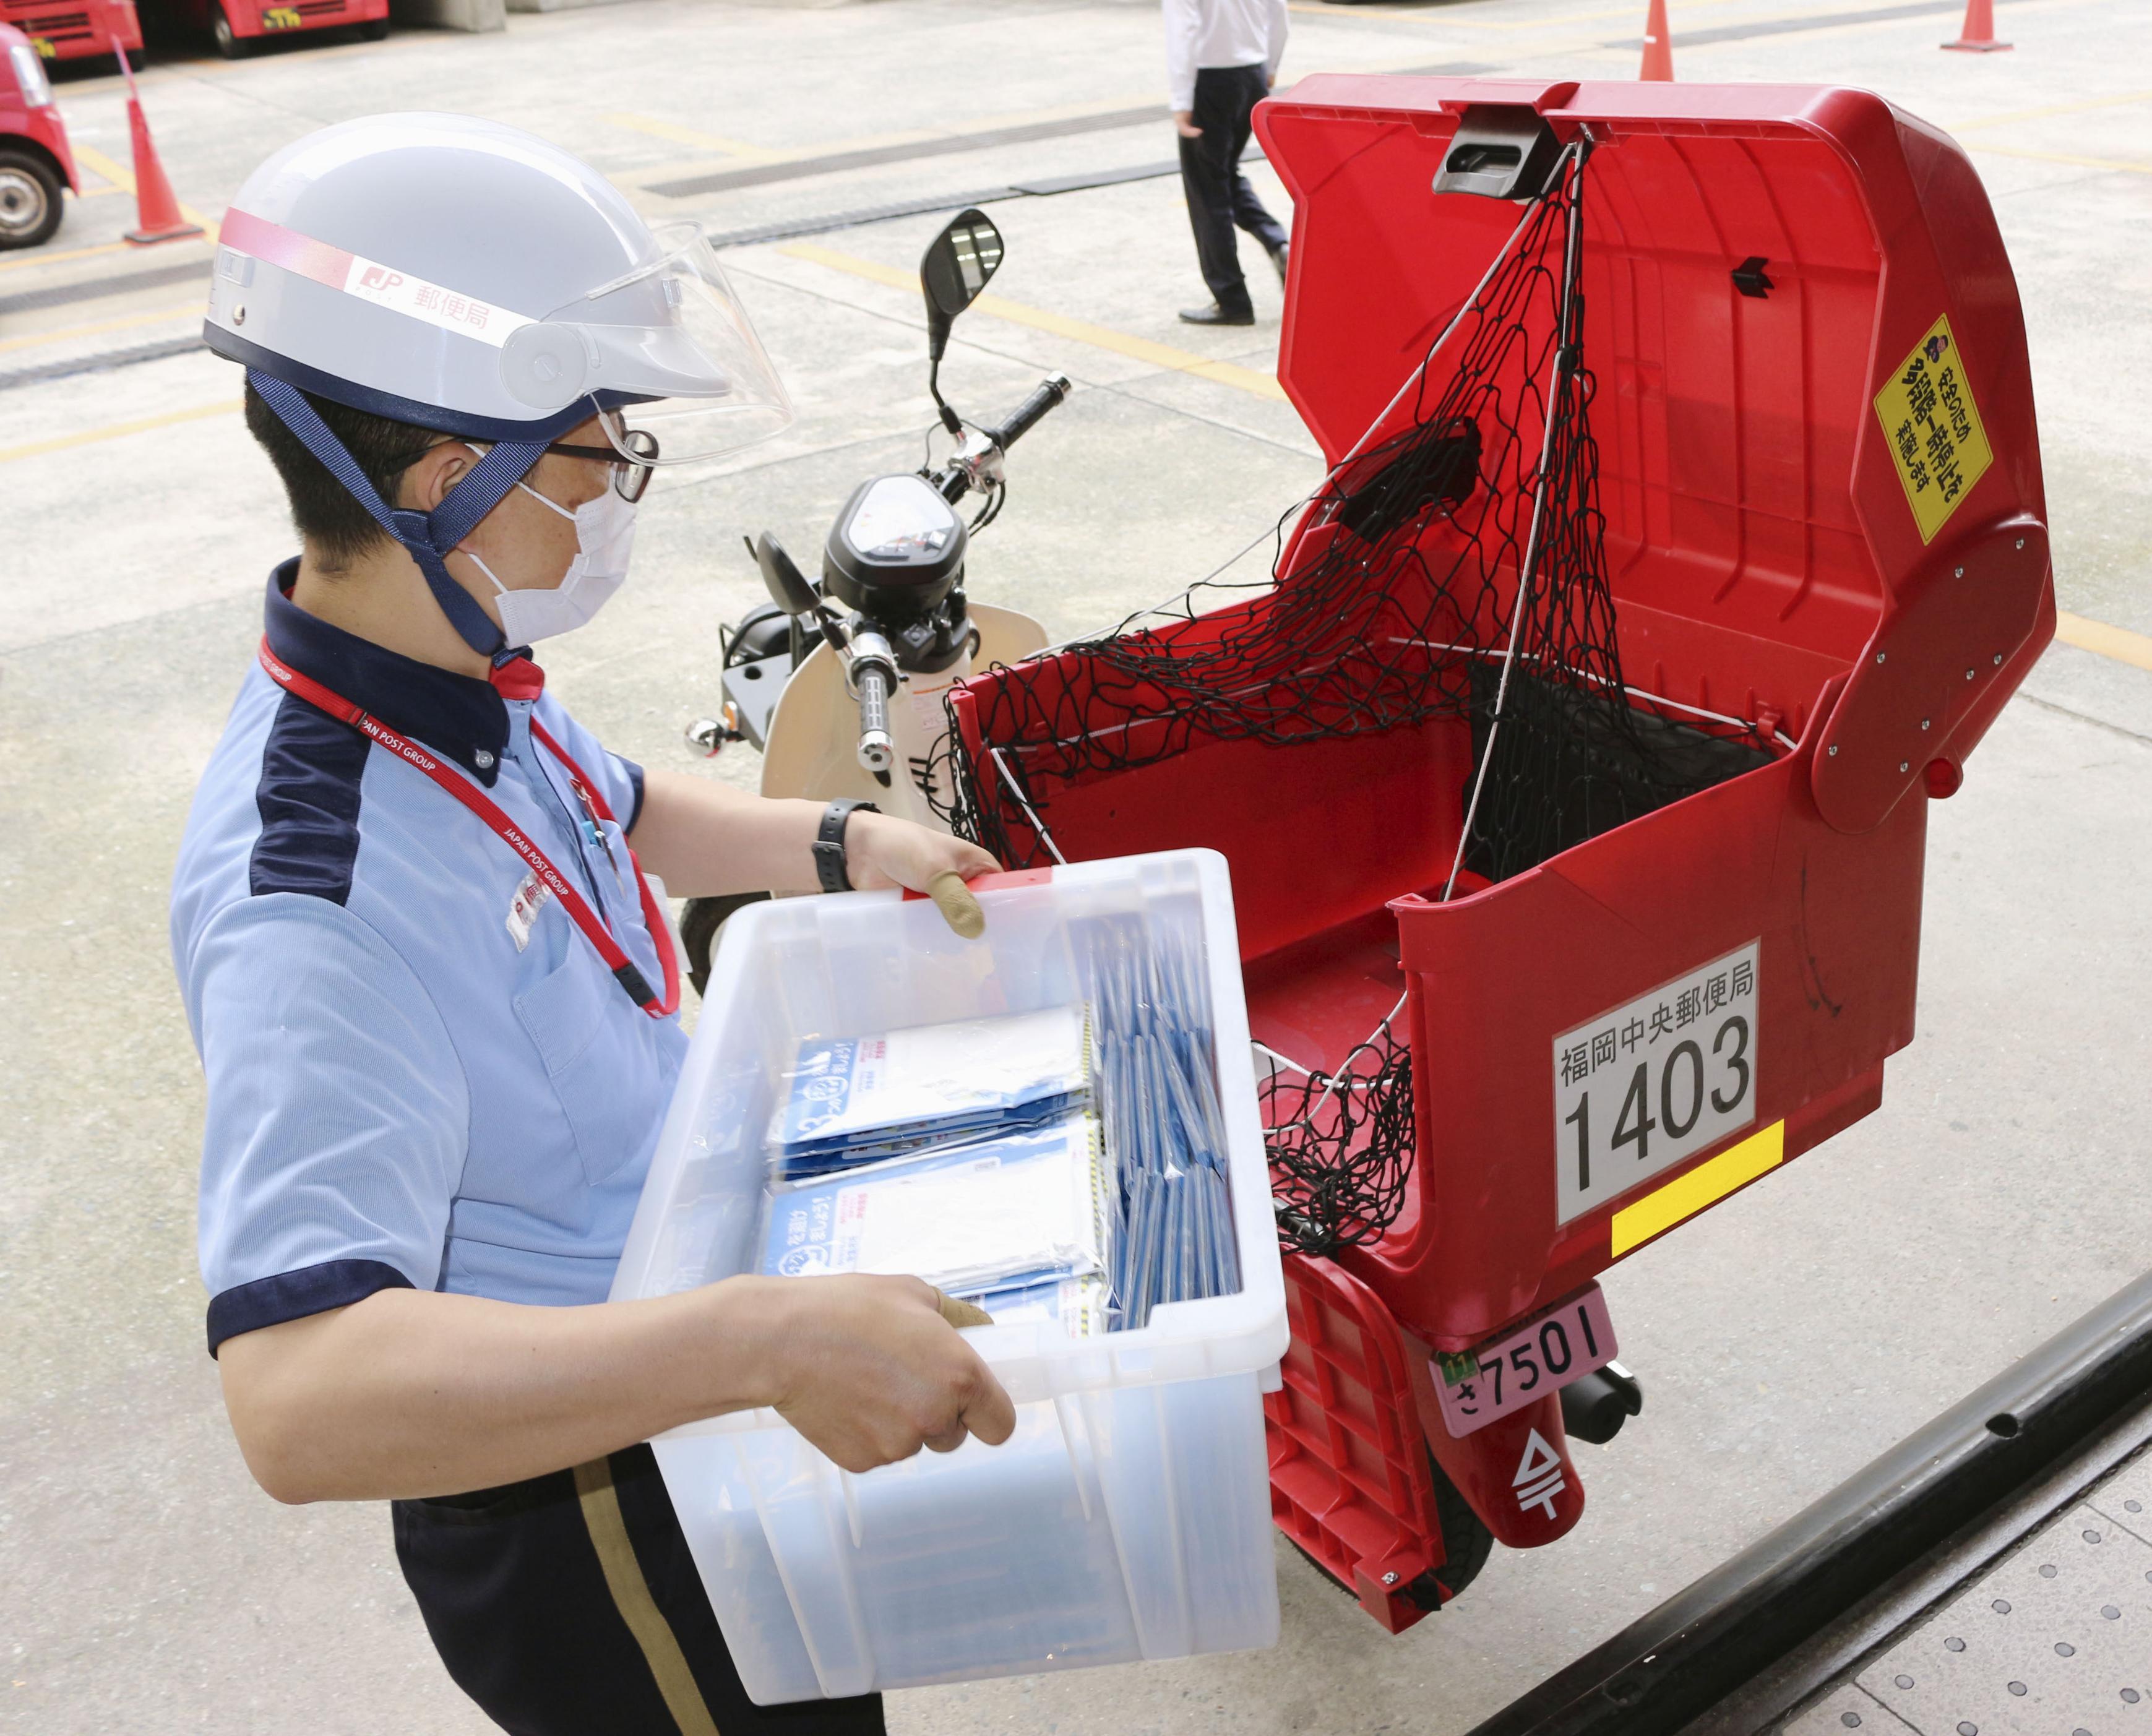 政府が全世帯に配布する布マスクをバイクに積み込む郵便局員=12日午前、福岡市中央区